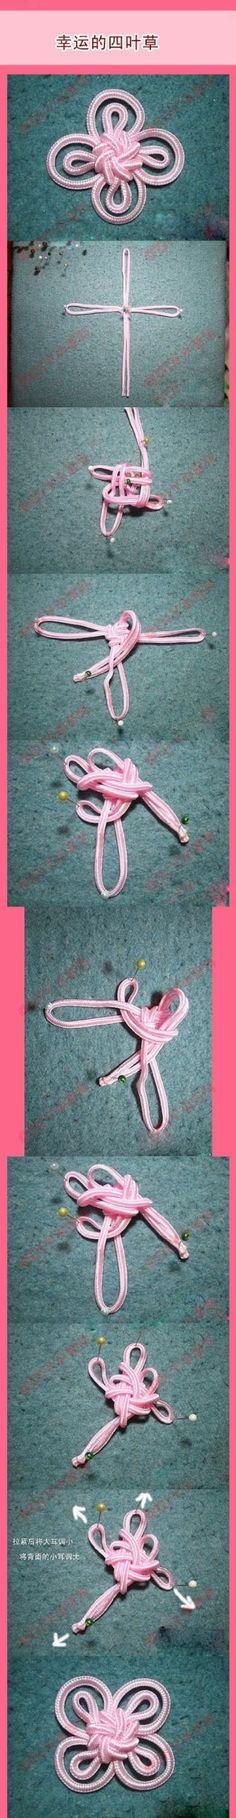 DIY Clover Chinese Knot DIY Clover Chinese Knot by diyforever